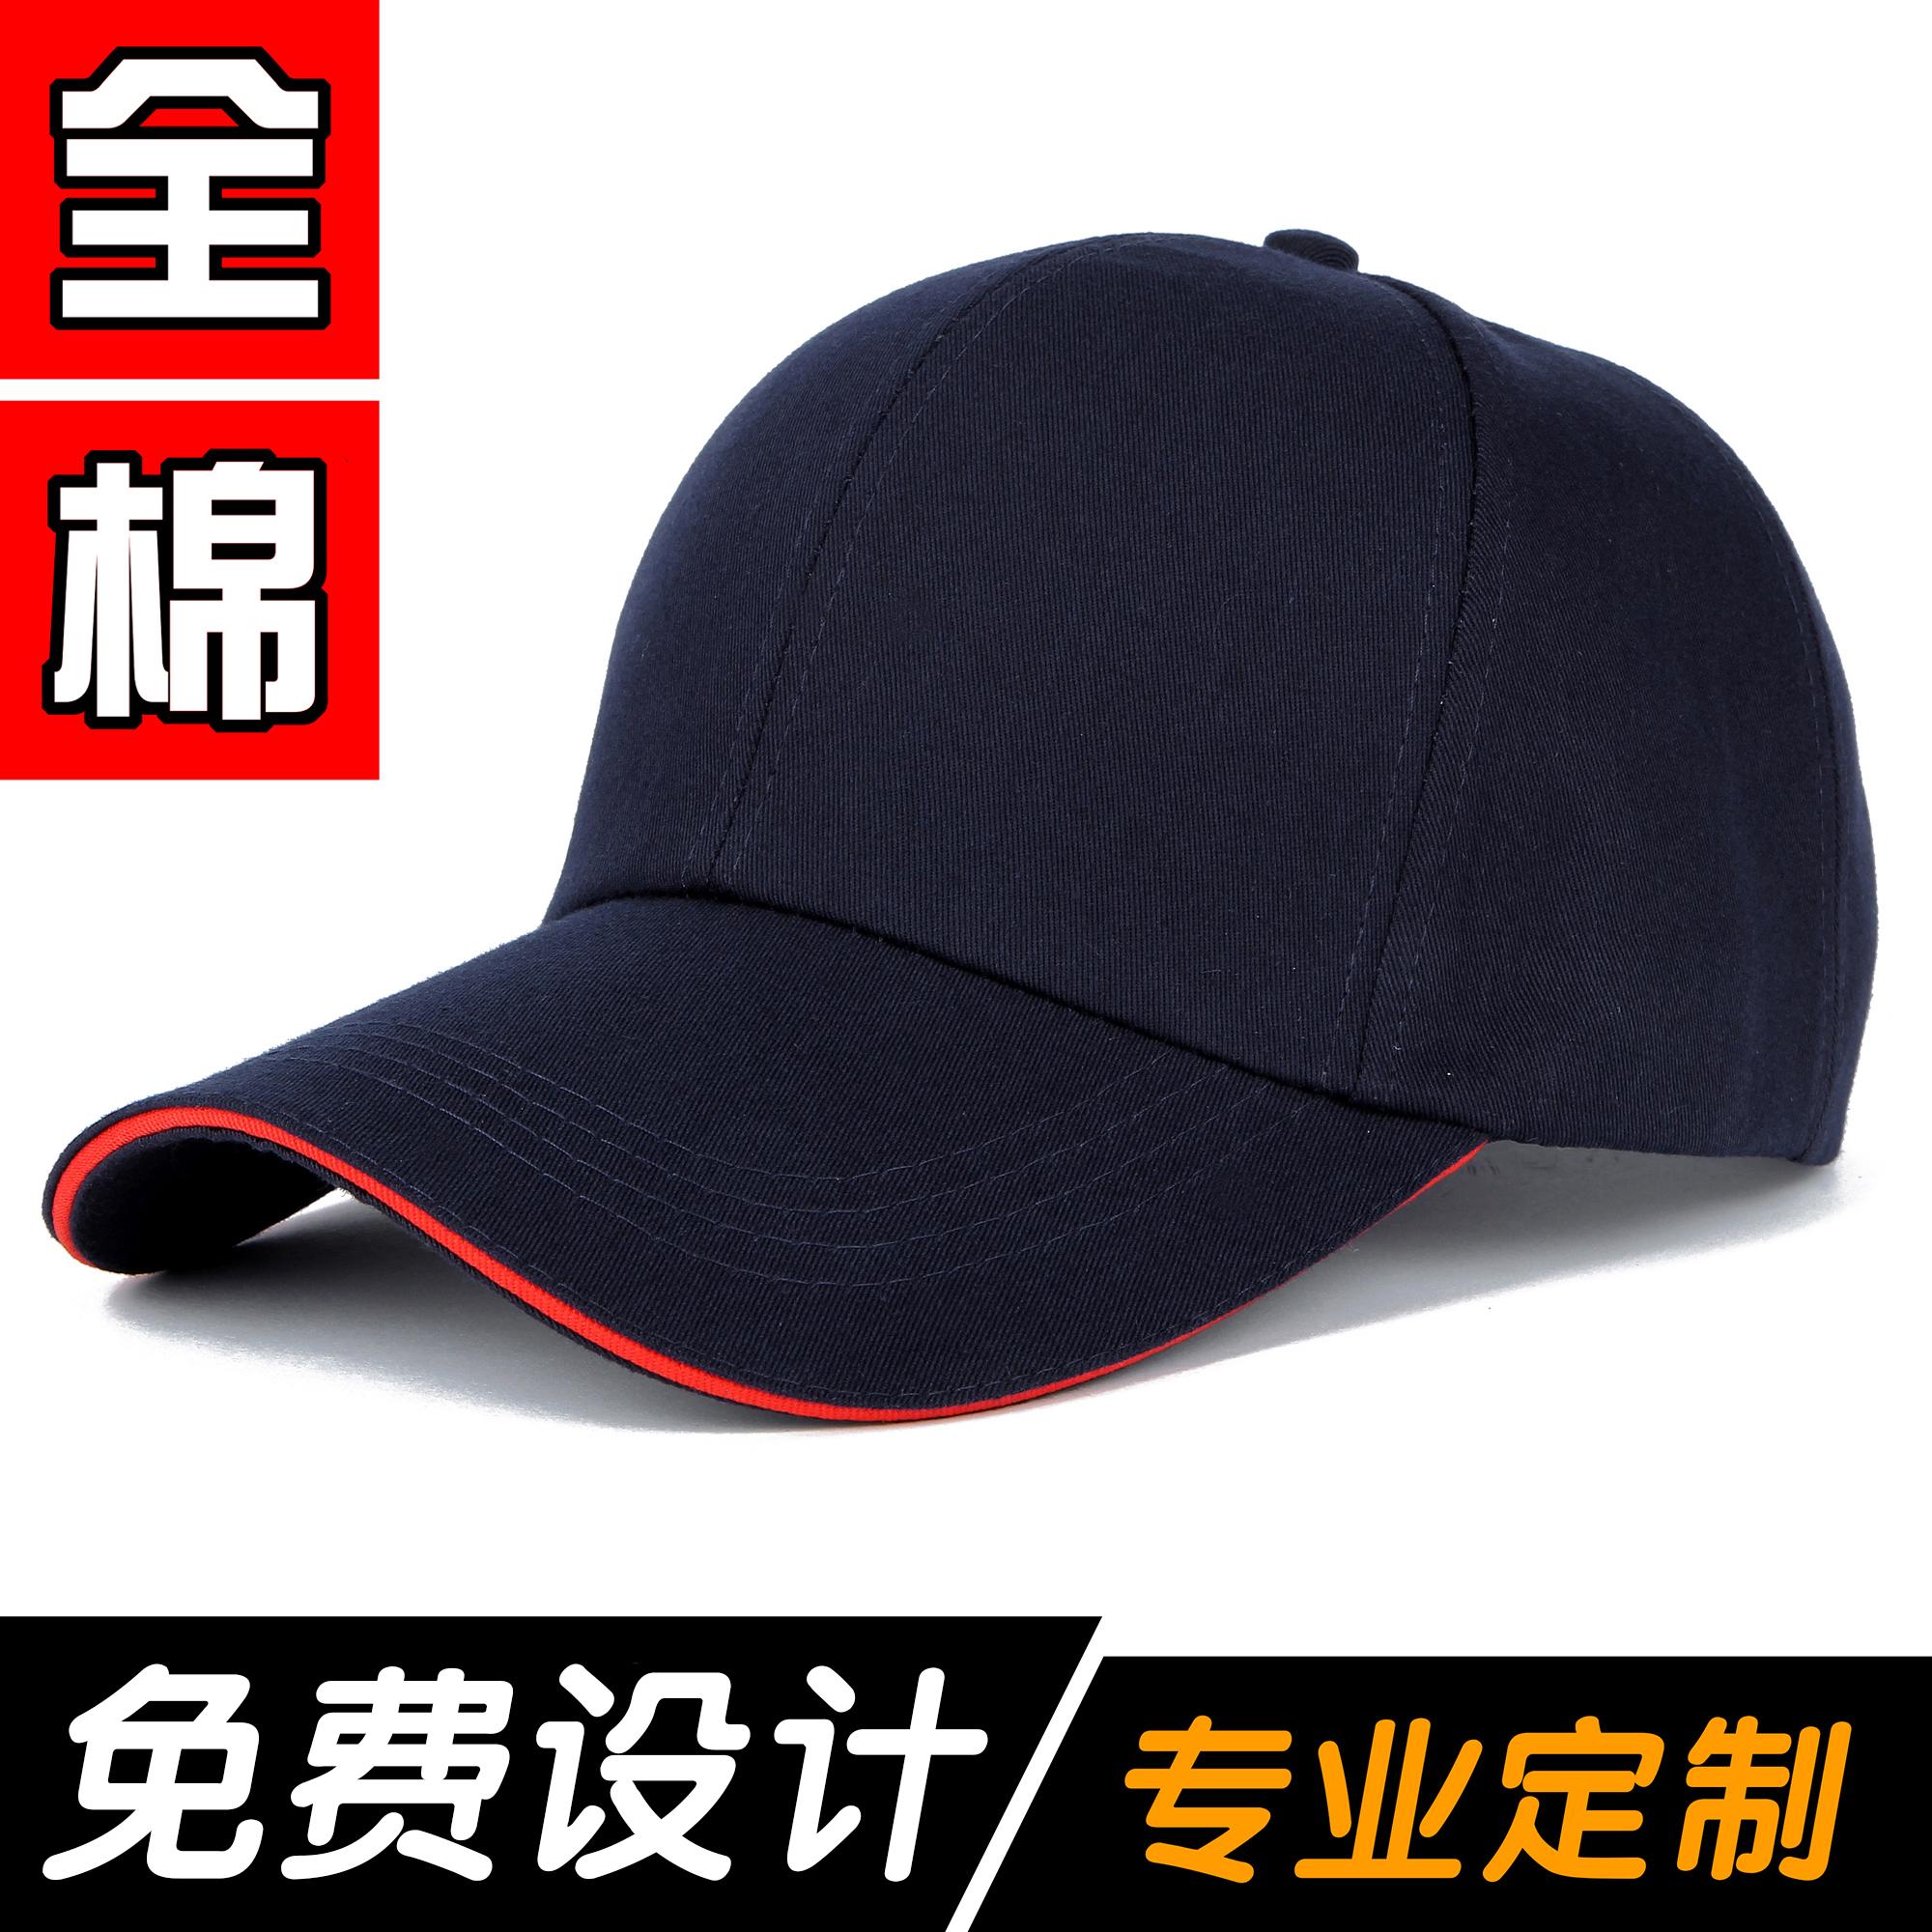 男女遮阳帽子印字刺绣logo纱鸭舌帽